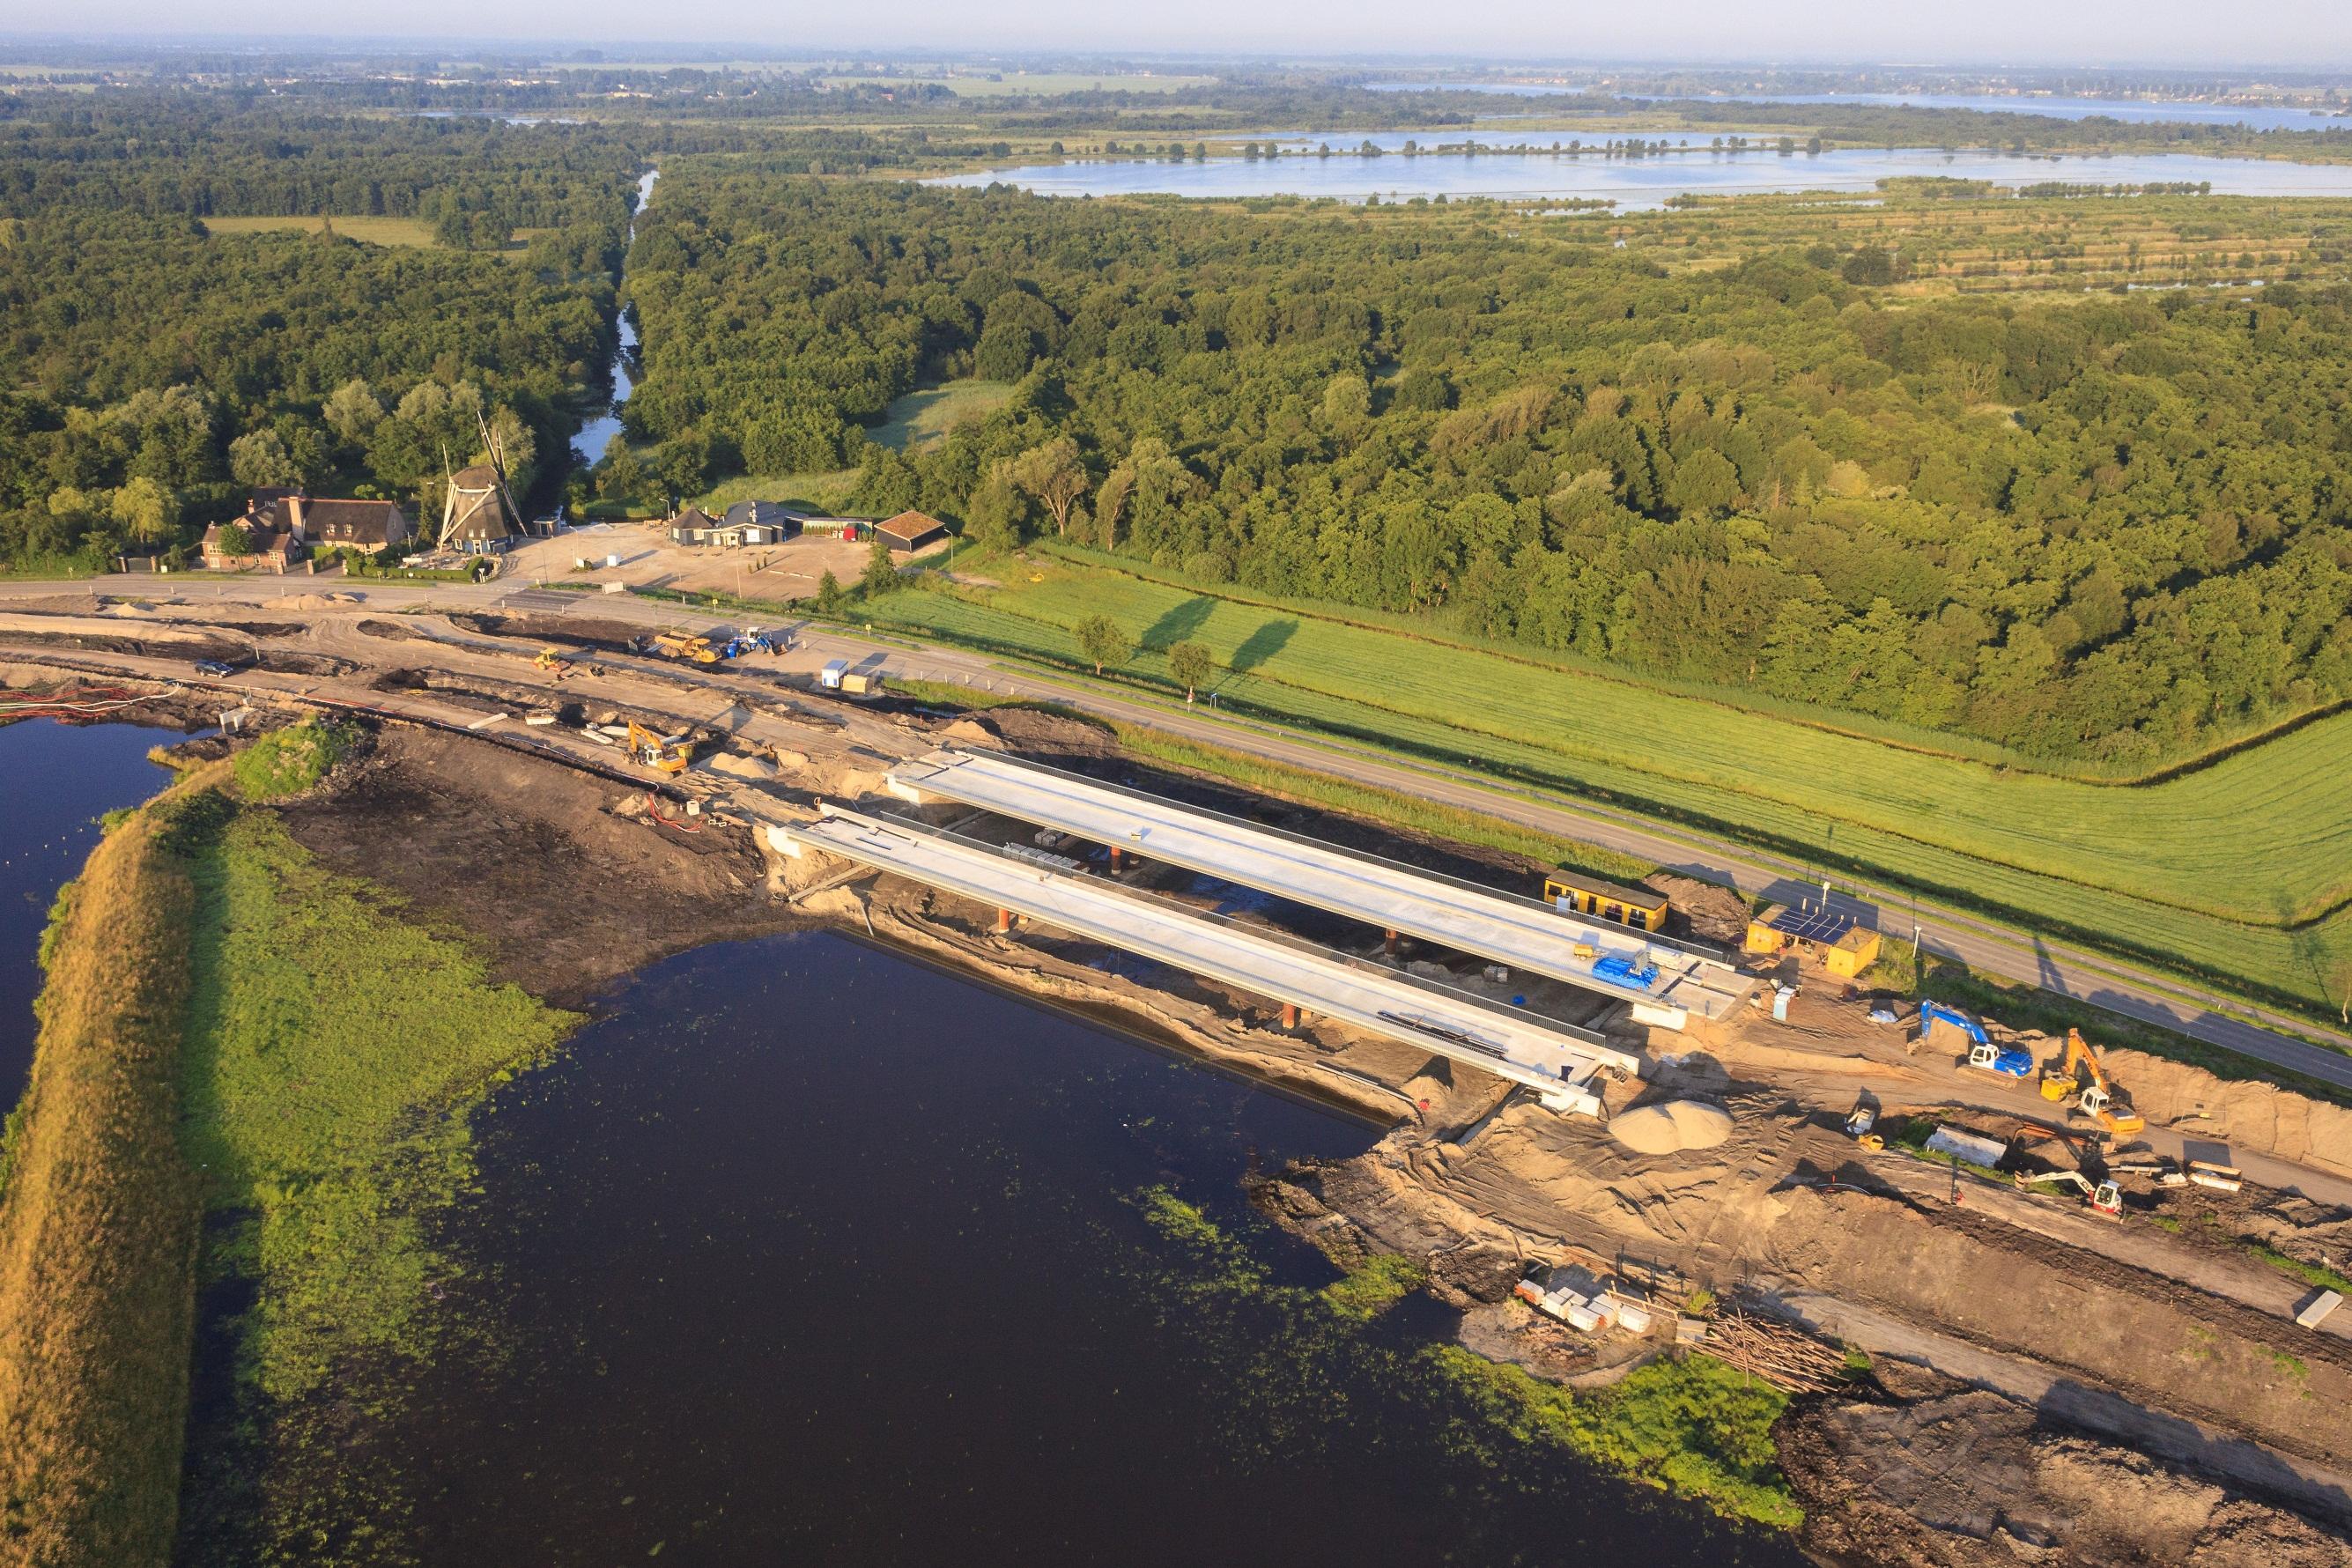 De nieuwe natuurverbinding bij de N236 in aanbouw. Foto Geurt Besselinks, Natuurmonumenten